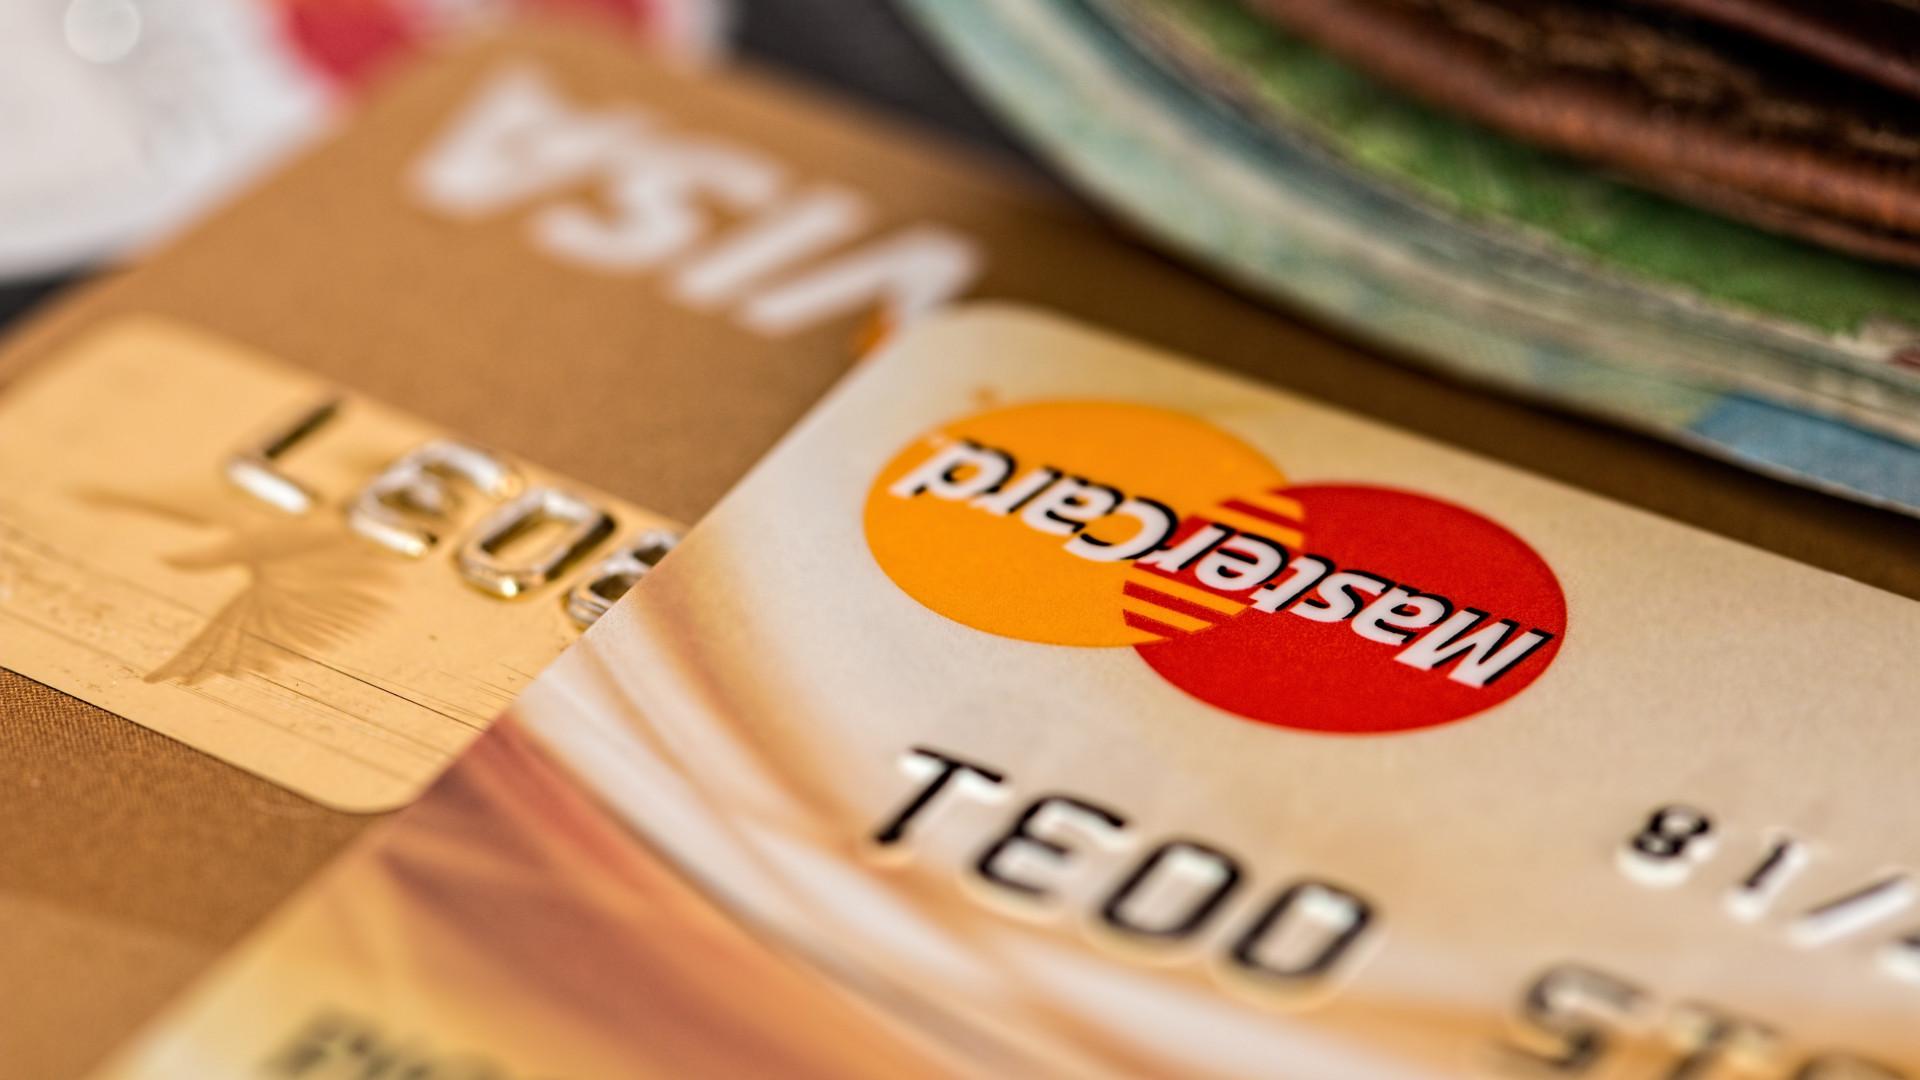 スマホ決済 クレジットカード